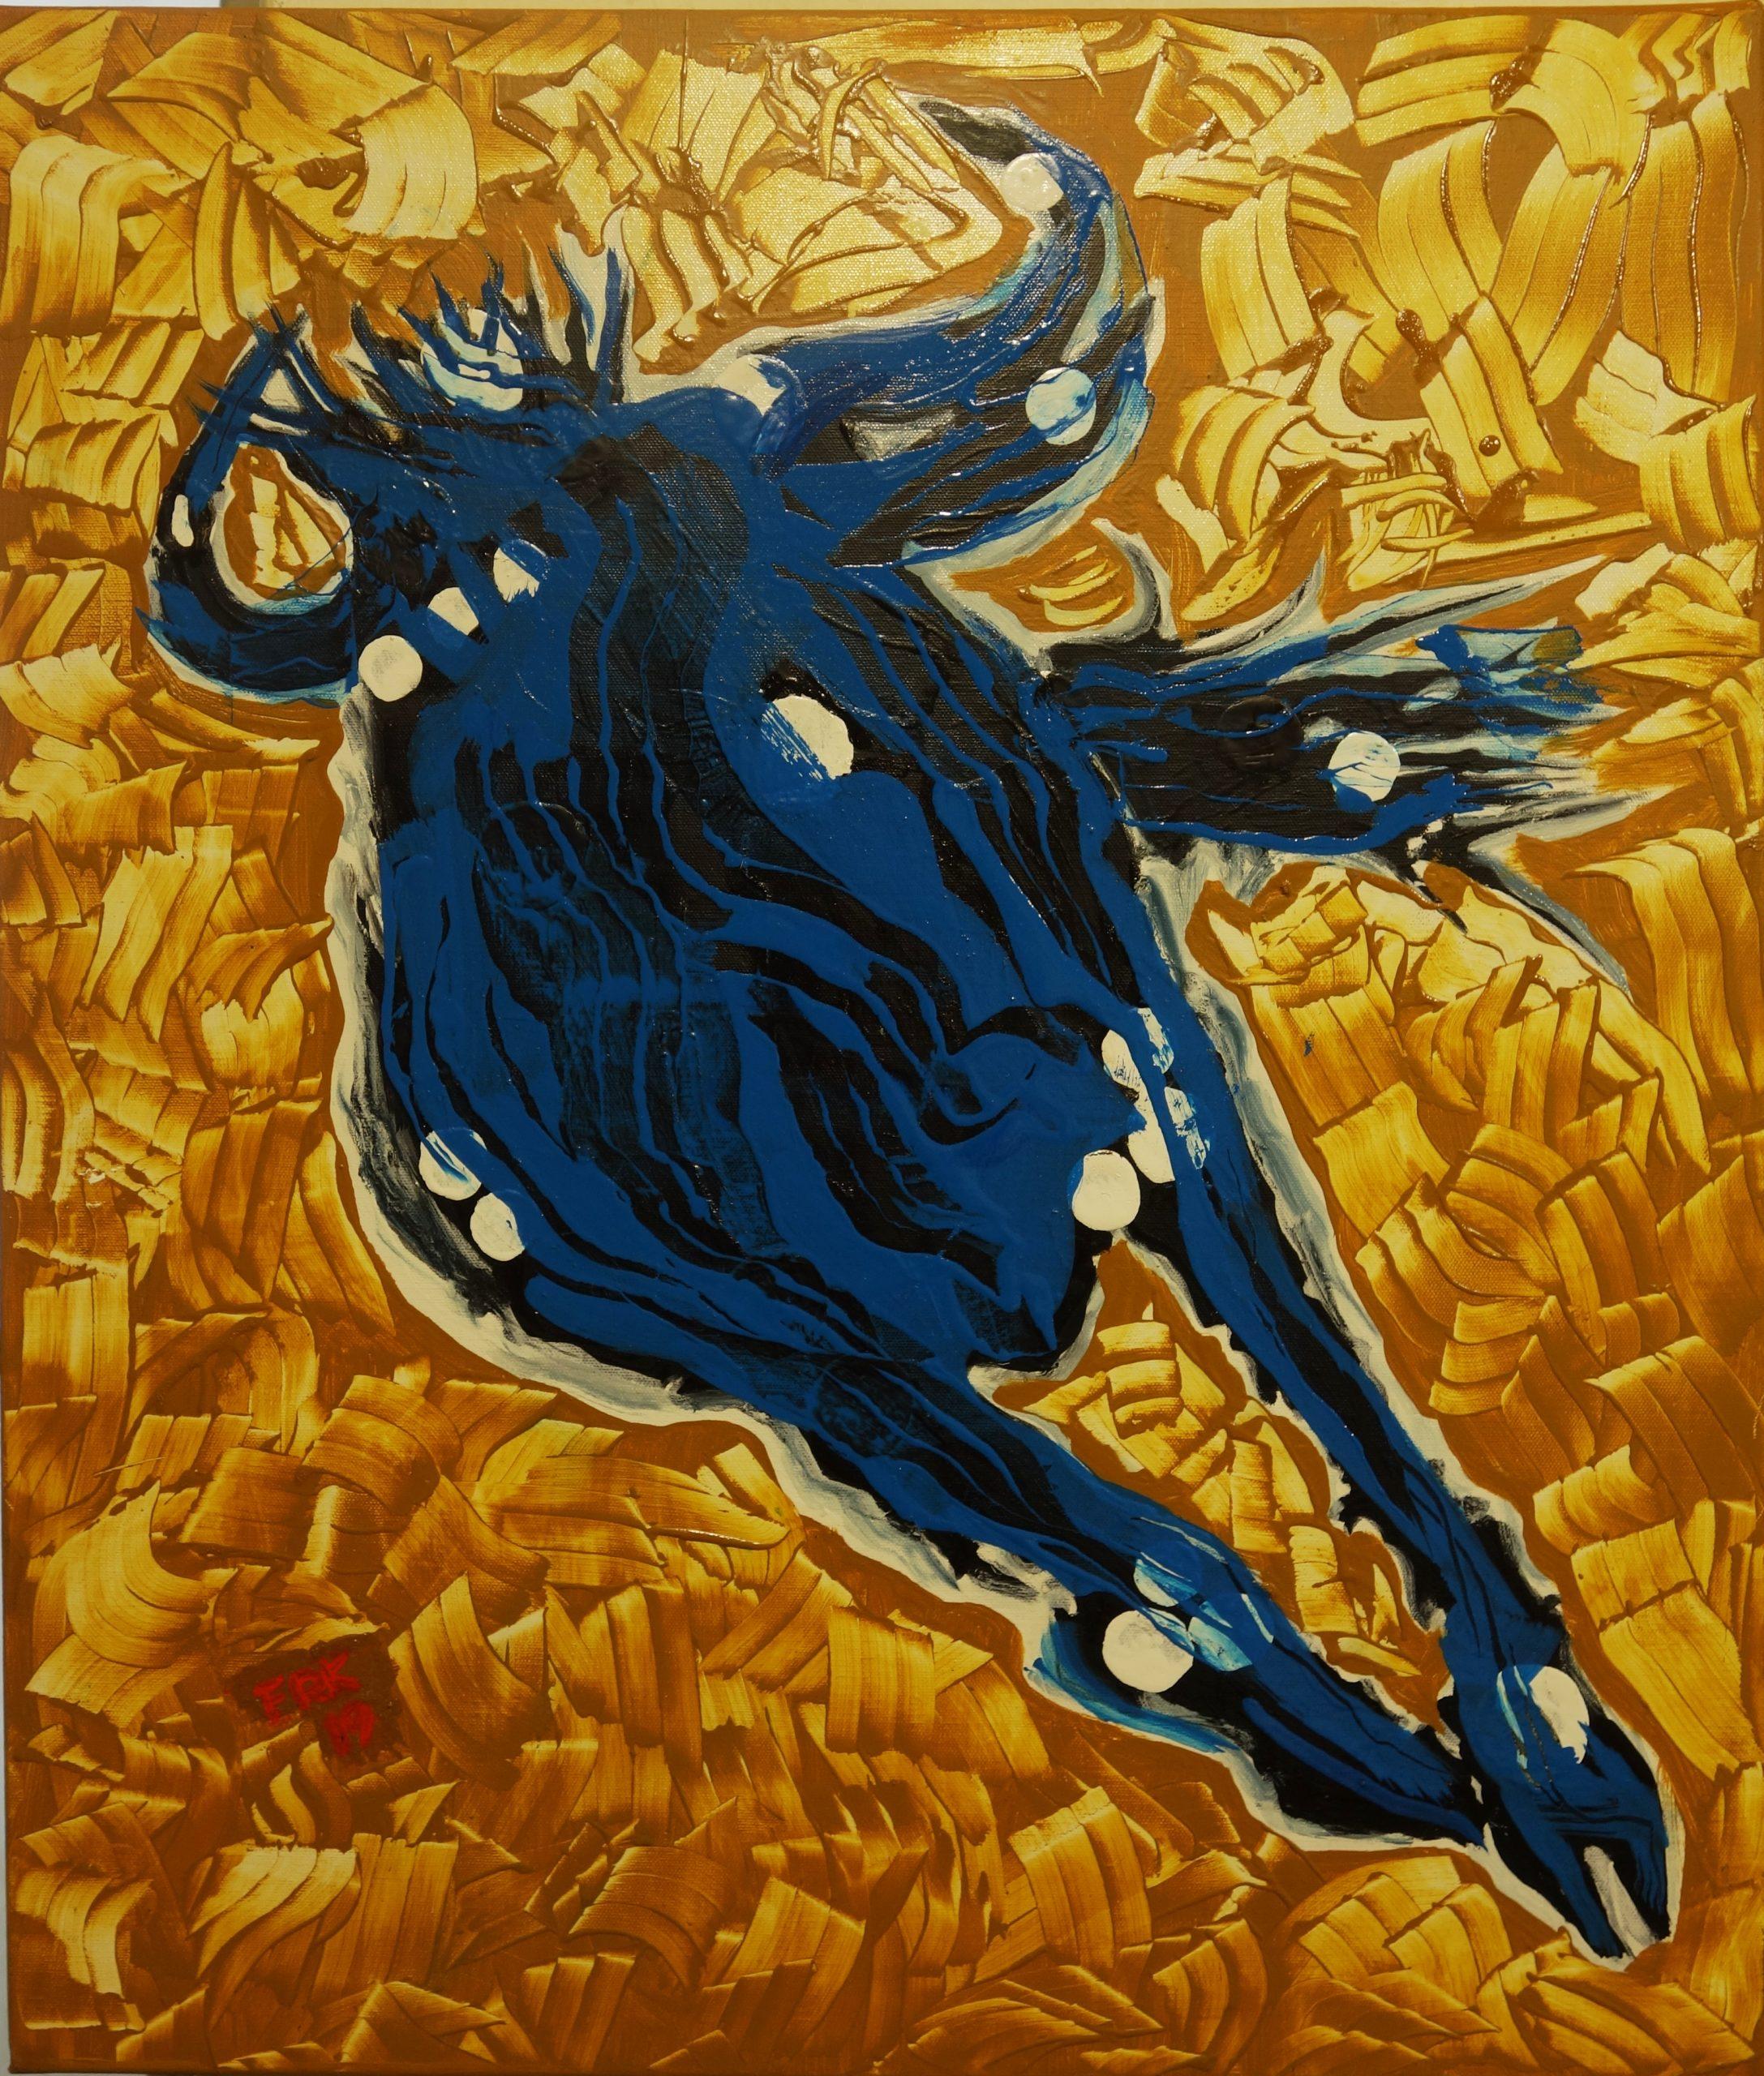 blaues wildebeast 70x60 2019